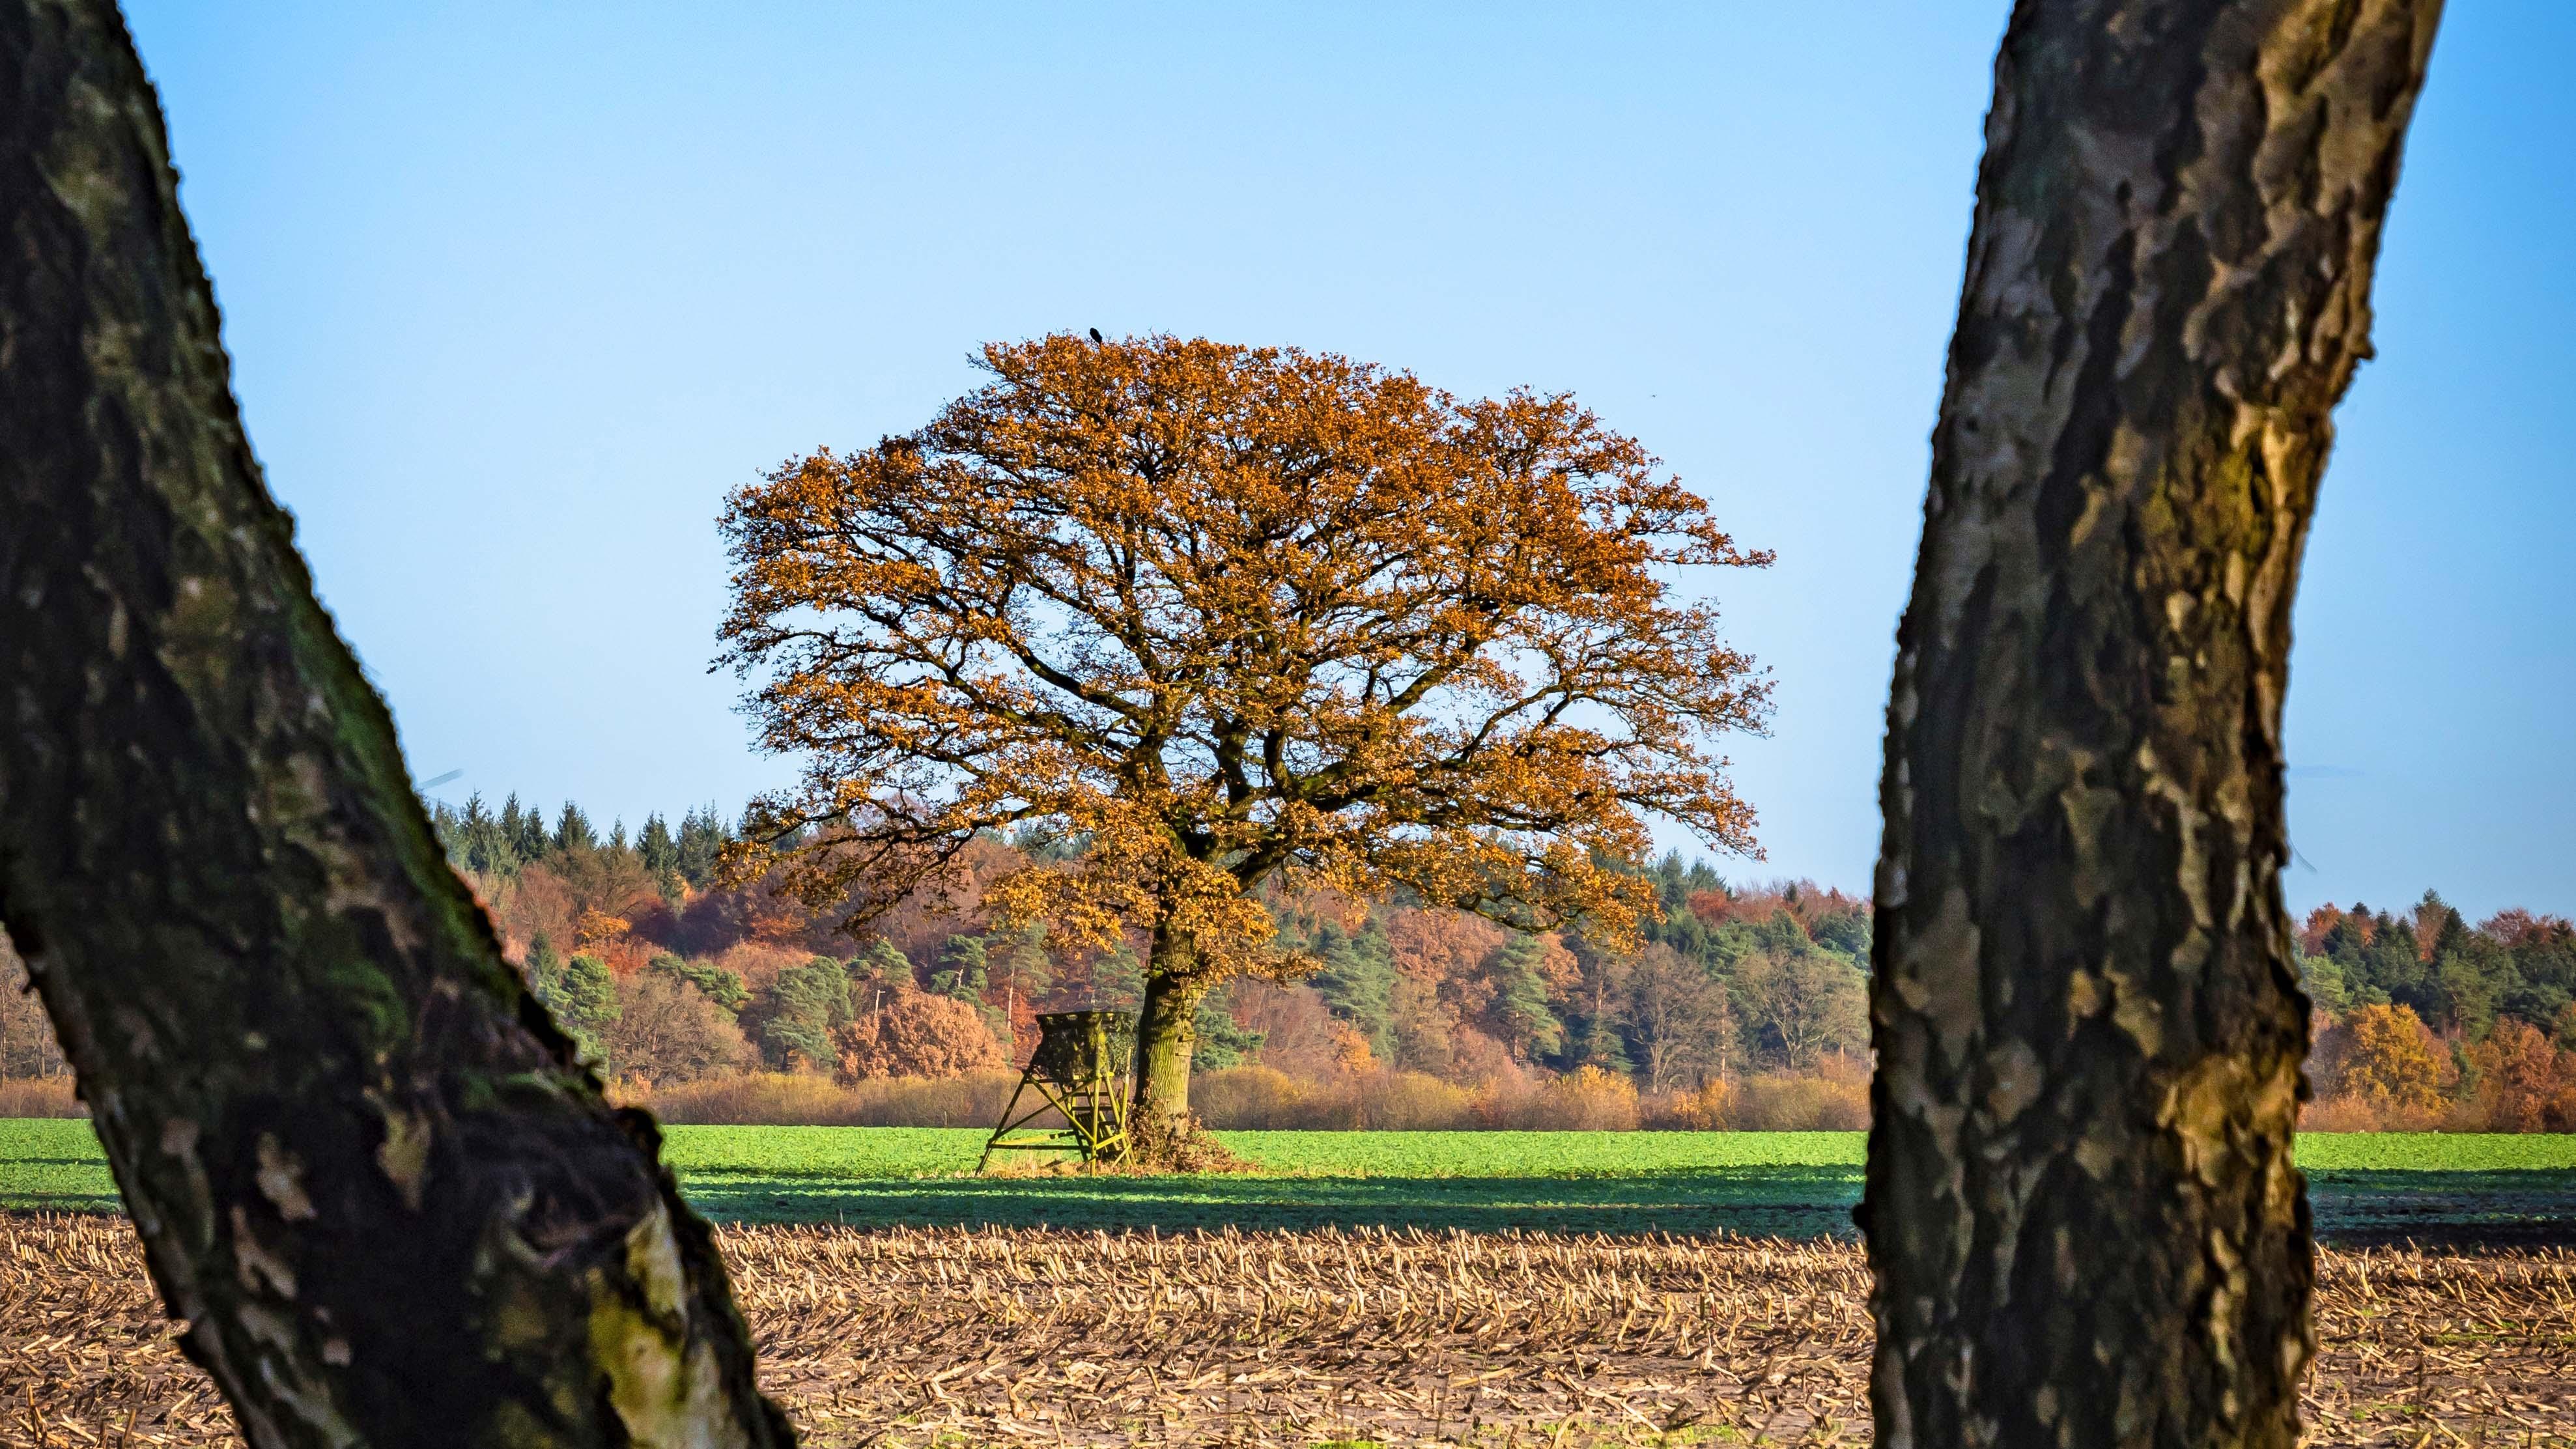 Immer wieder eine tolle Land-Baum-Marke ... kurz vor dem Schafstall in Unterstedt